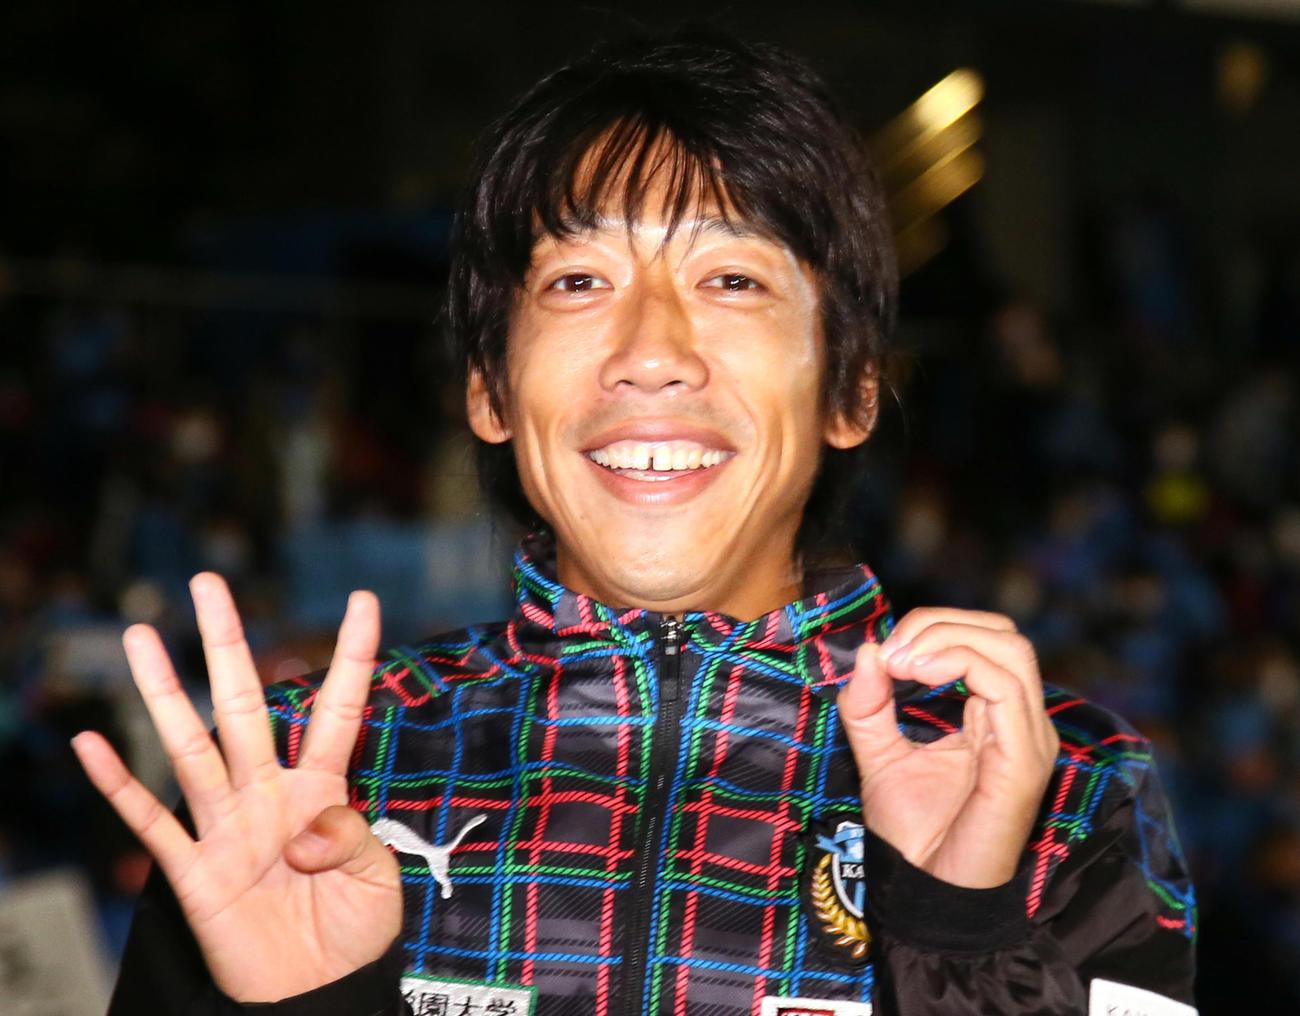 中村憲剛さん(2020年撮影)